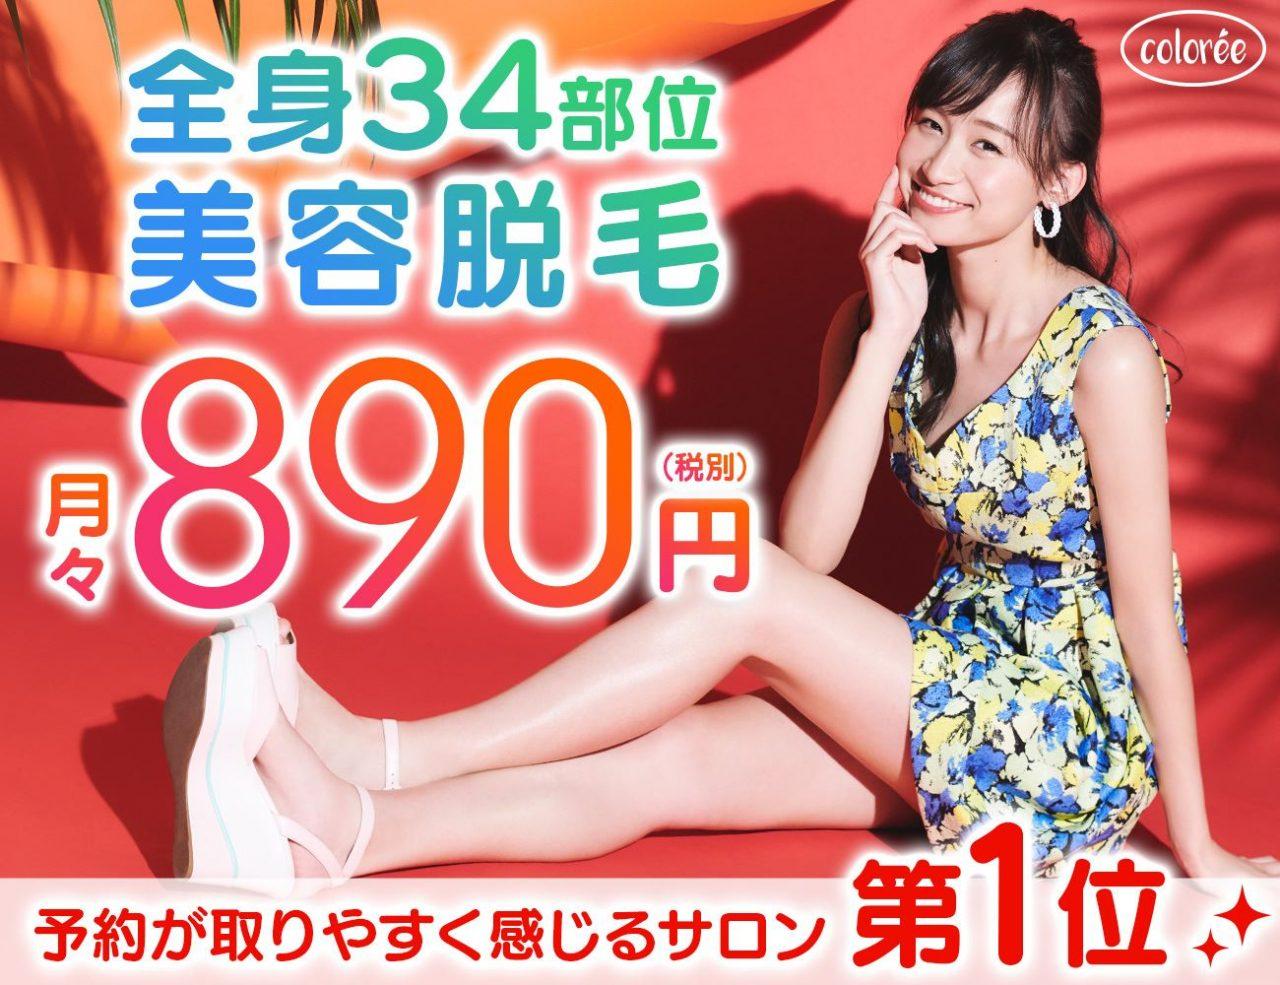 全身34部位美容脱毛月々890円!